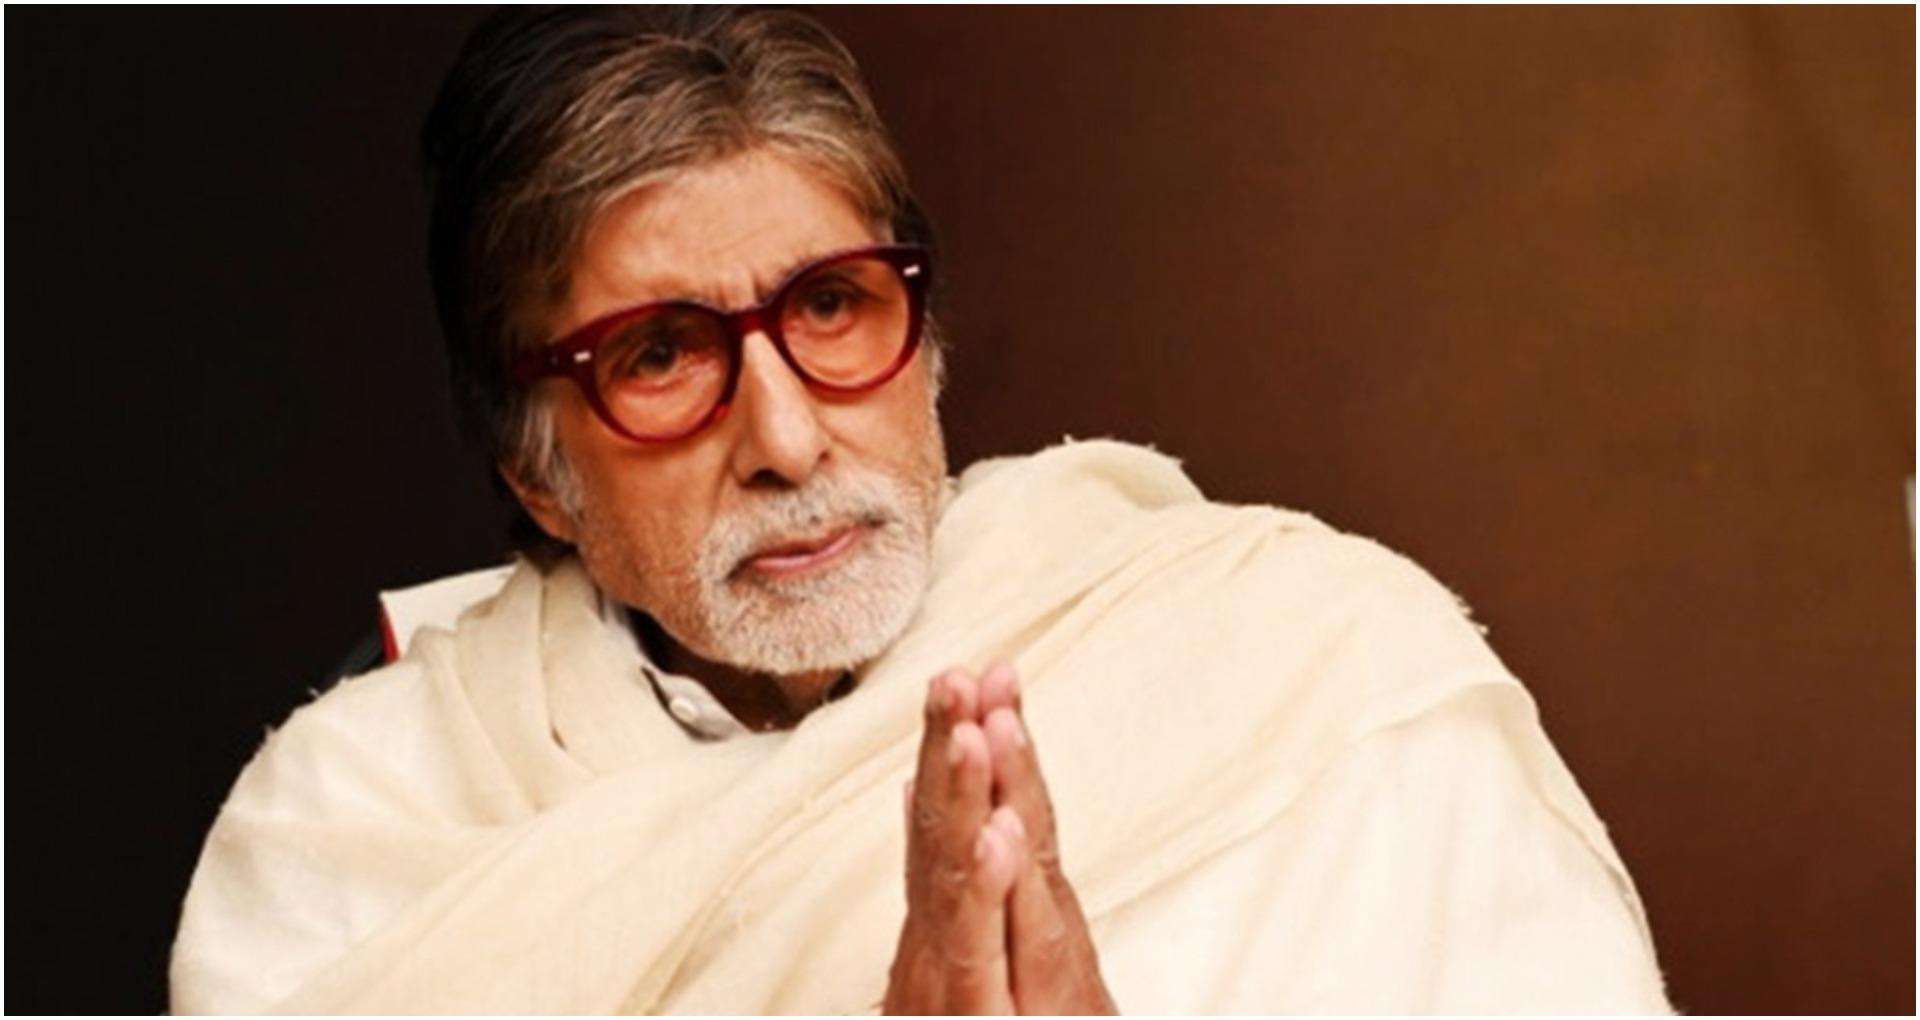 फैंस की दुआओं और प्यार देख भावुक हुए अमिताभ बच्चन, कहा- जितना भी शुक्रिया अदा करूं कम है